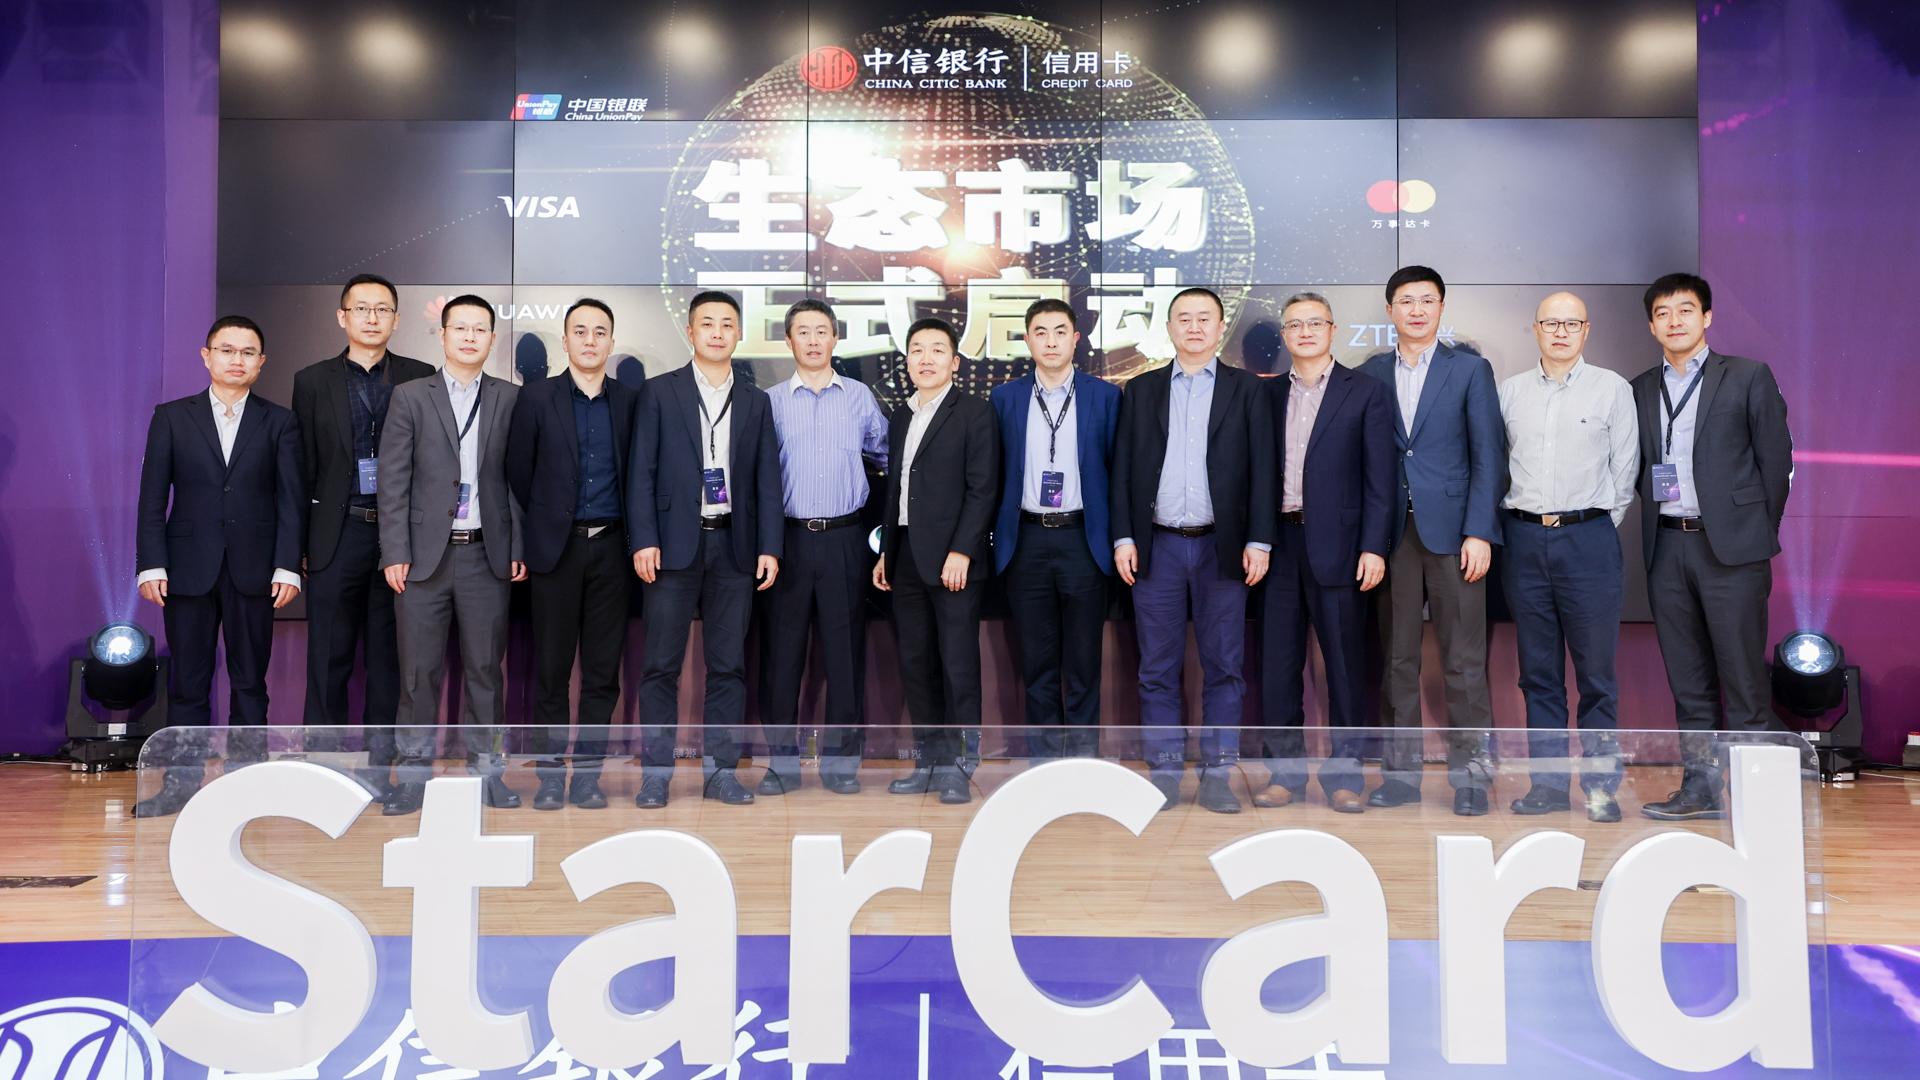 中信银行信用卡StarCard新核心系统正式上线一周年